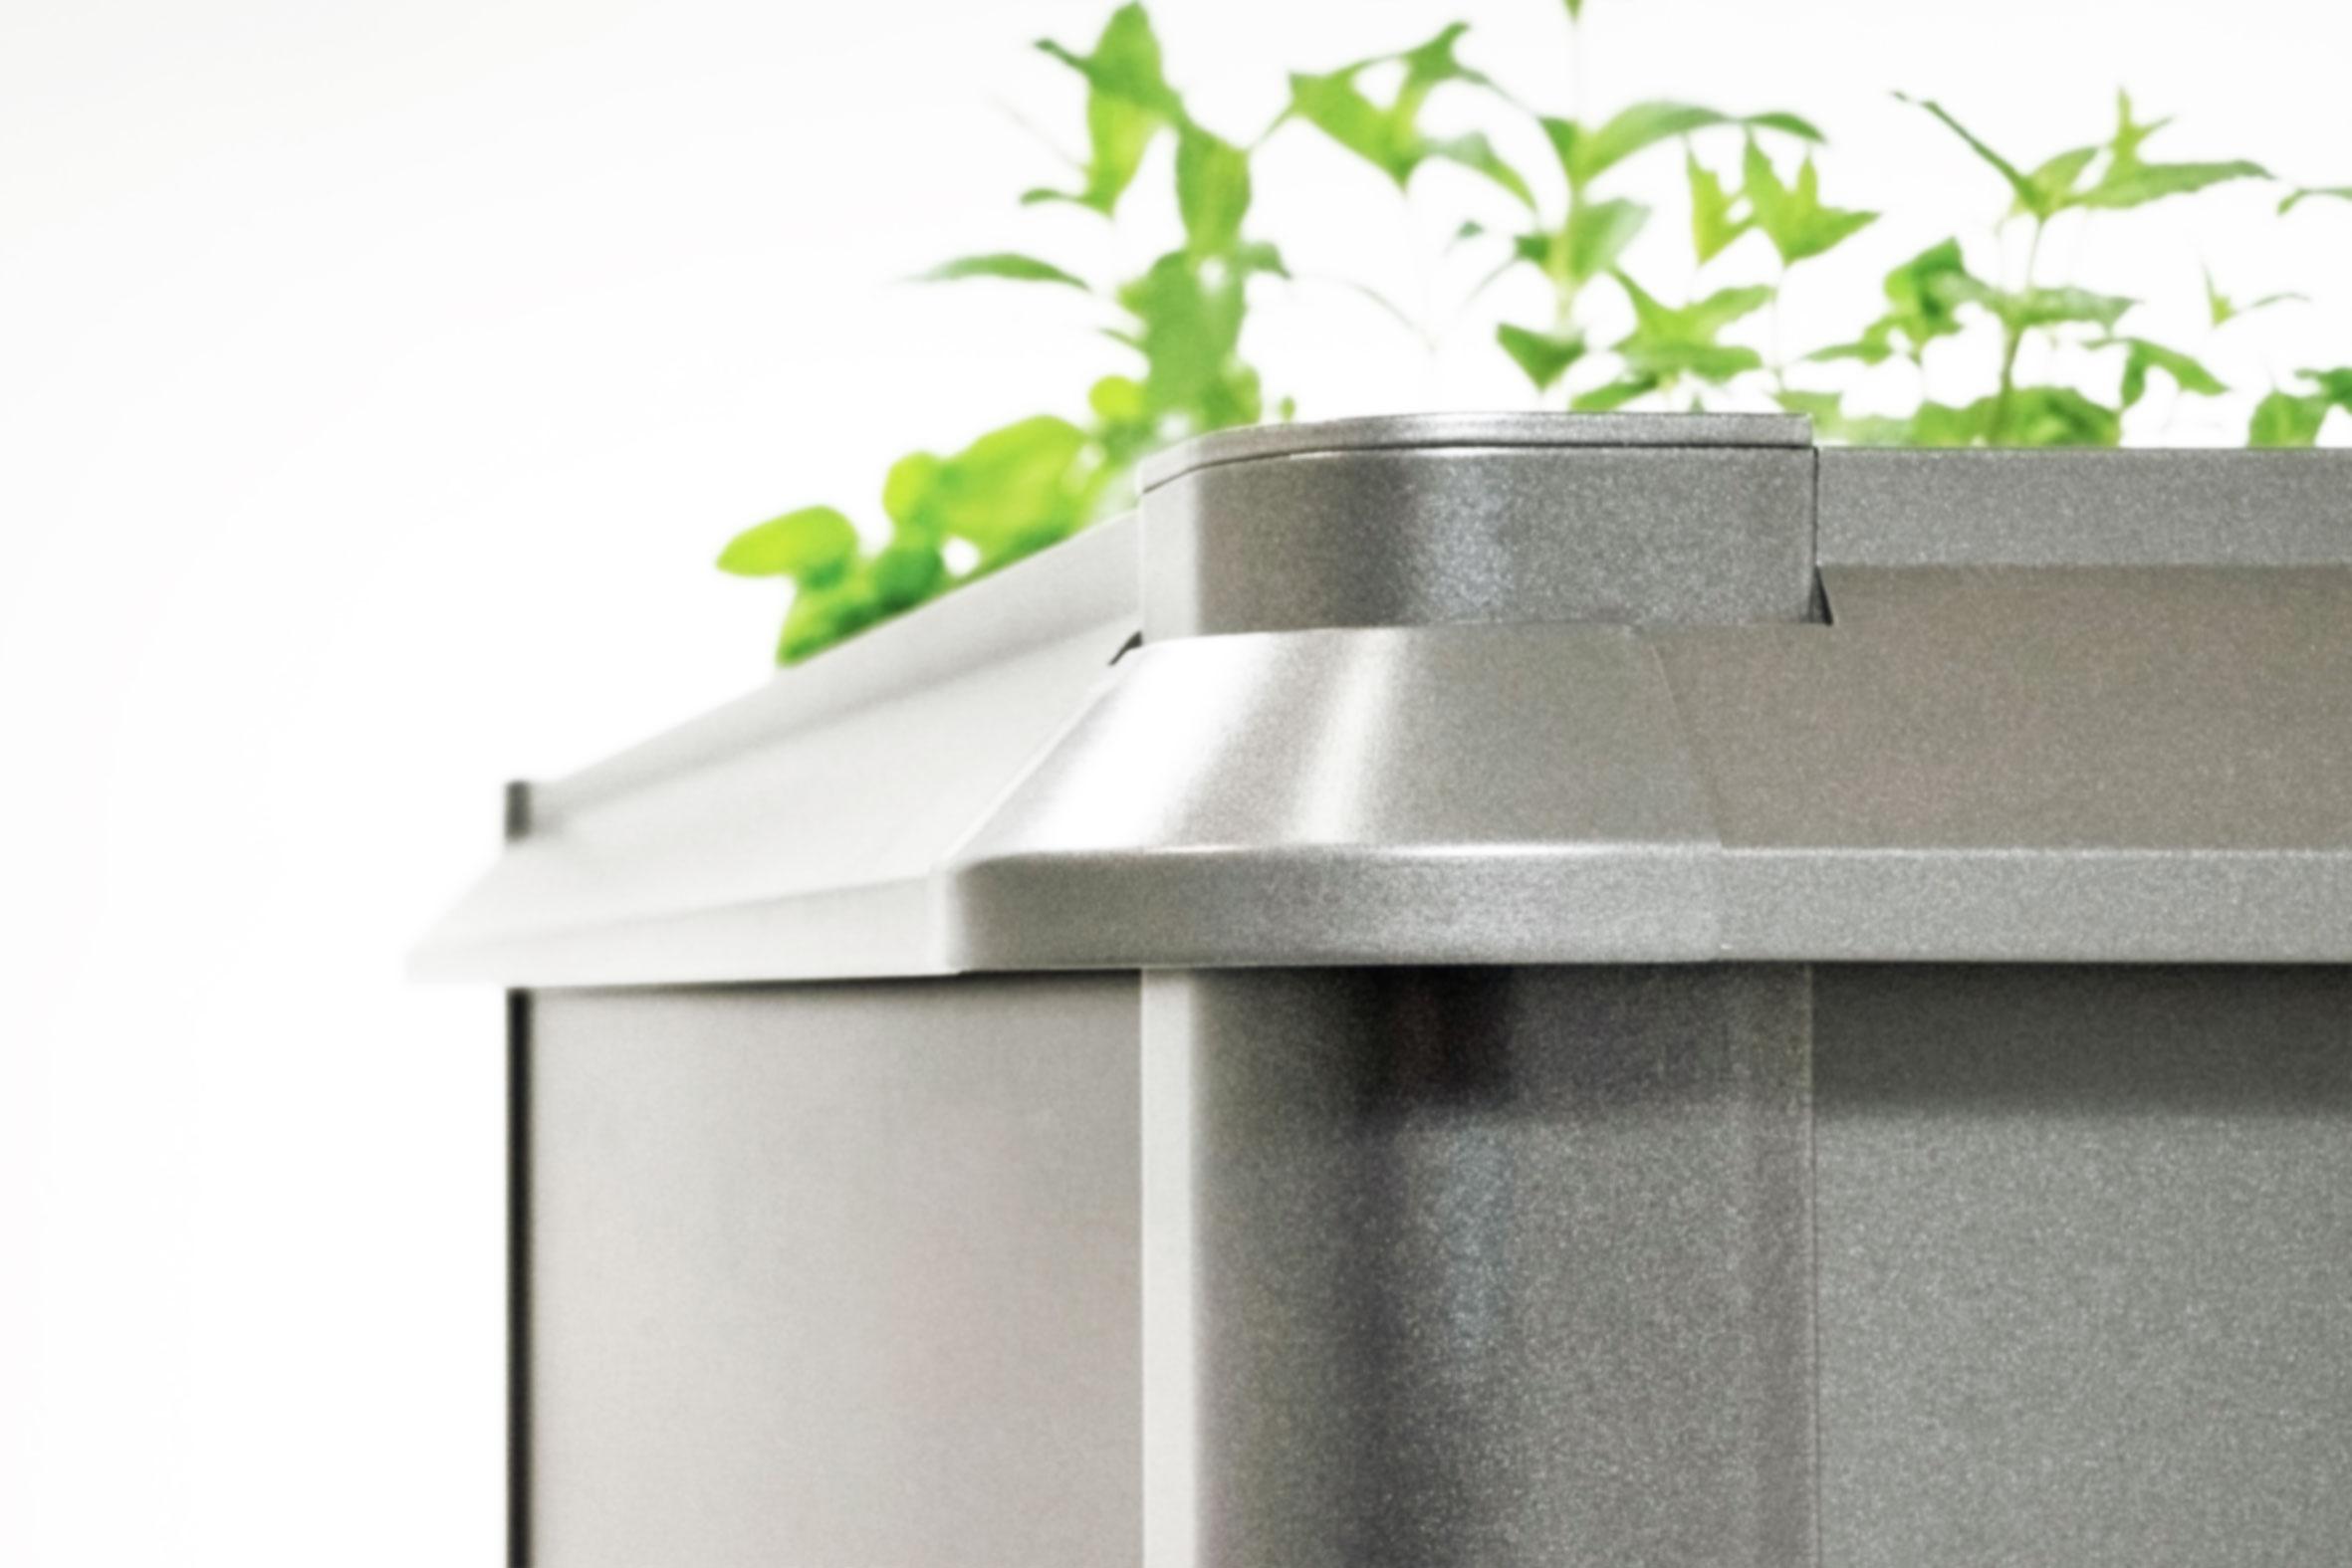 Schneckenschutz für Biohort Hochbeet 2x1 quarzgrau-metallic Bild 1